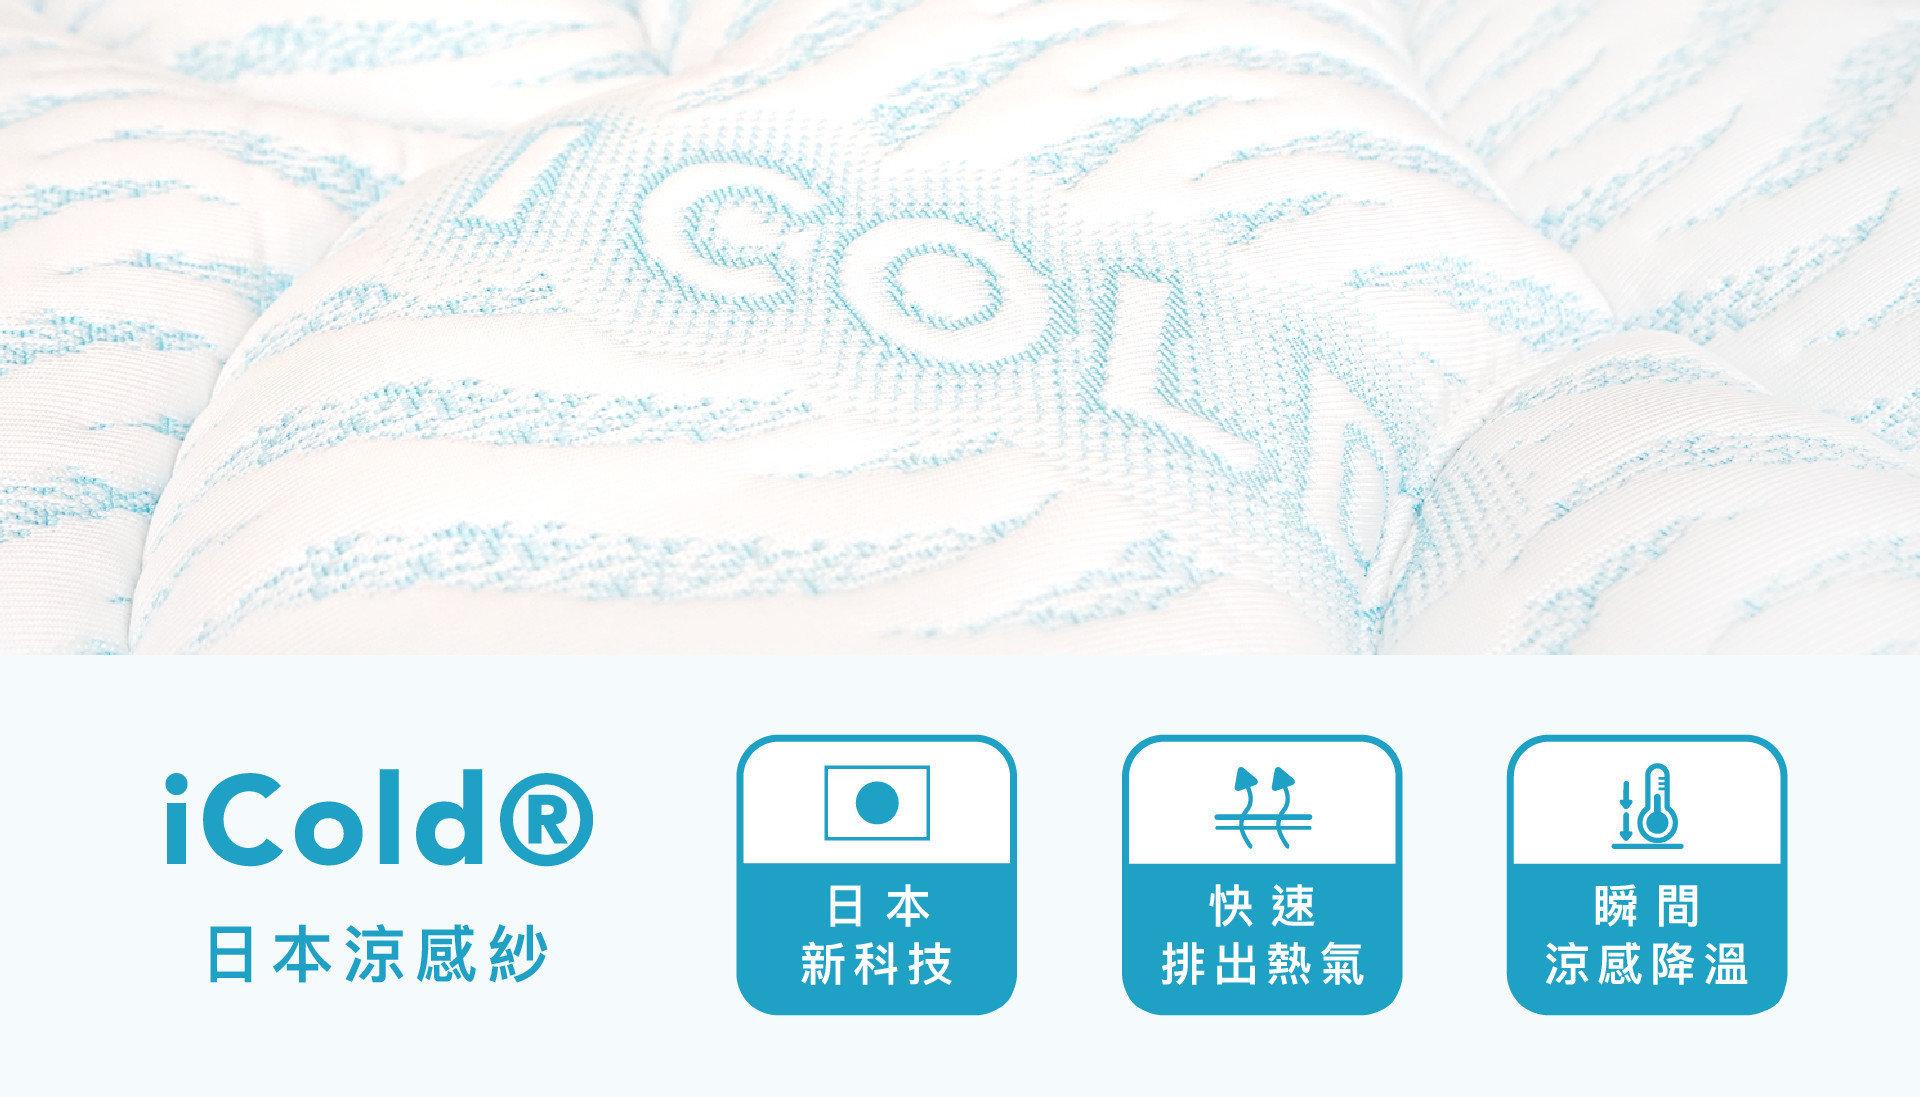 【格雷 冰晶乳膠護脊床】採用日本iCOLD高科技涼感紗布料,此款布料具有優異的吸熱與散熱效果,能有效降低體感溫度,是夏天必備的床款!